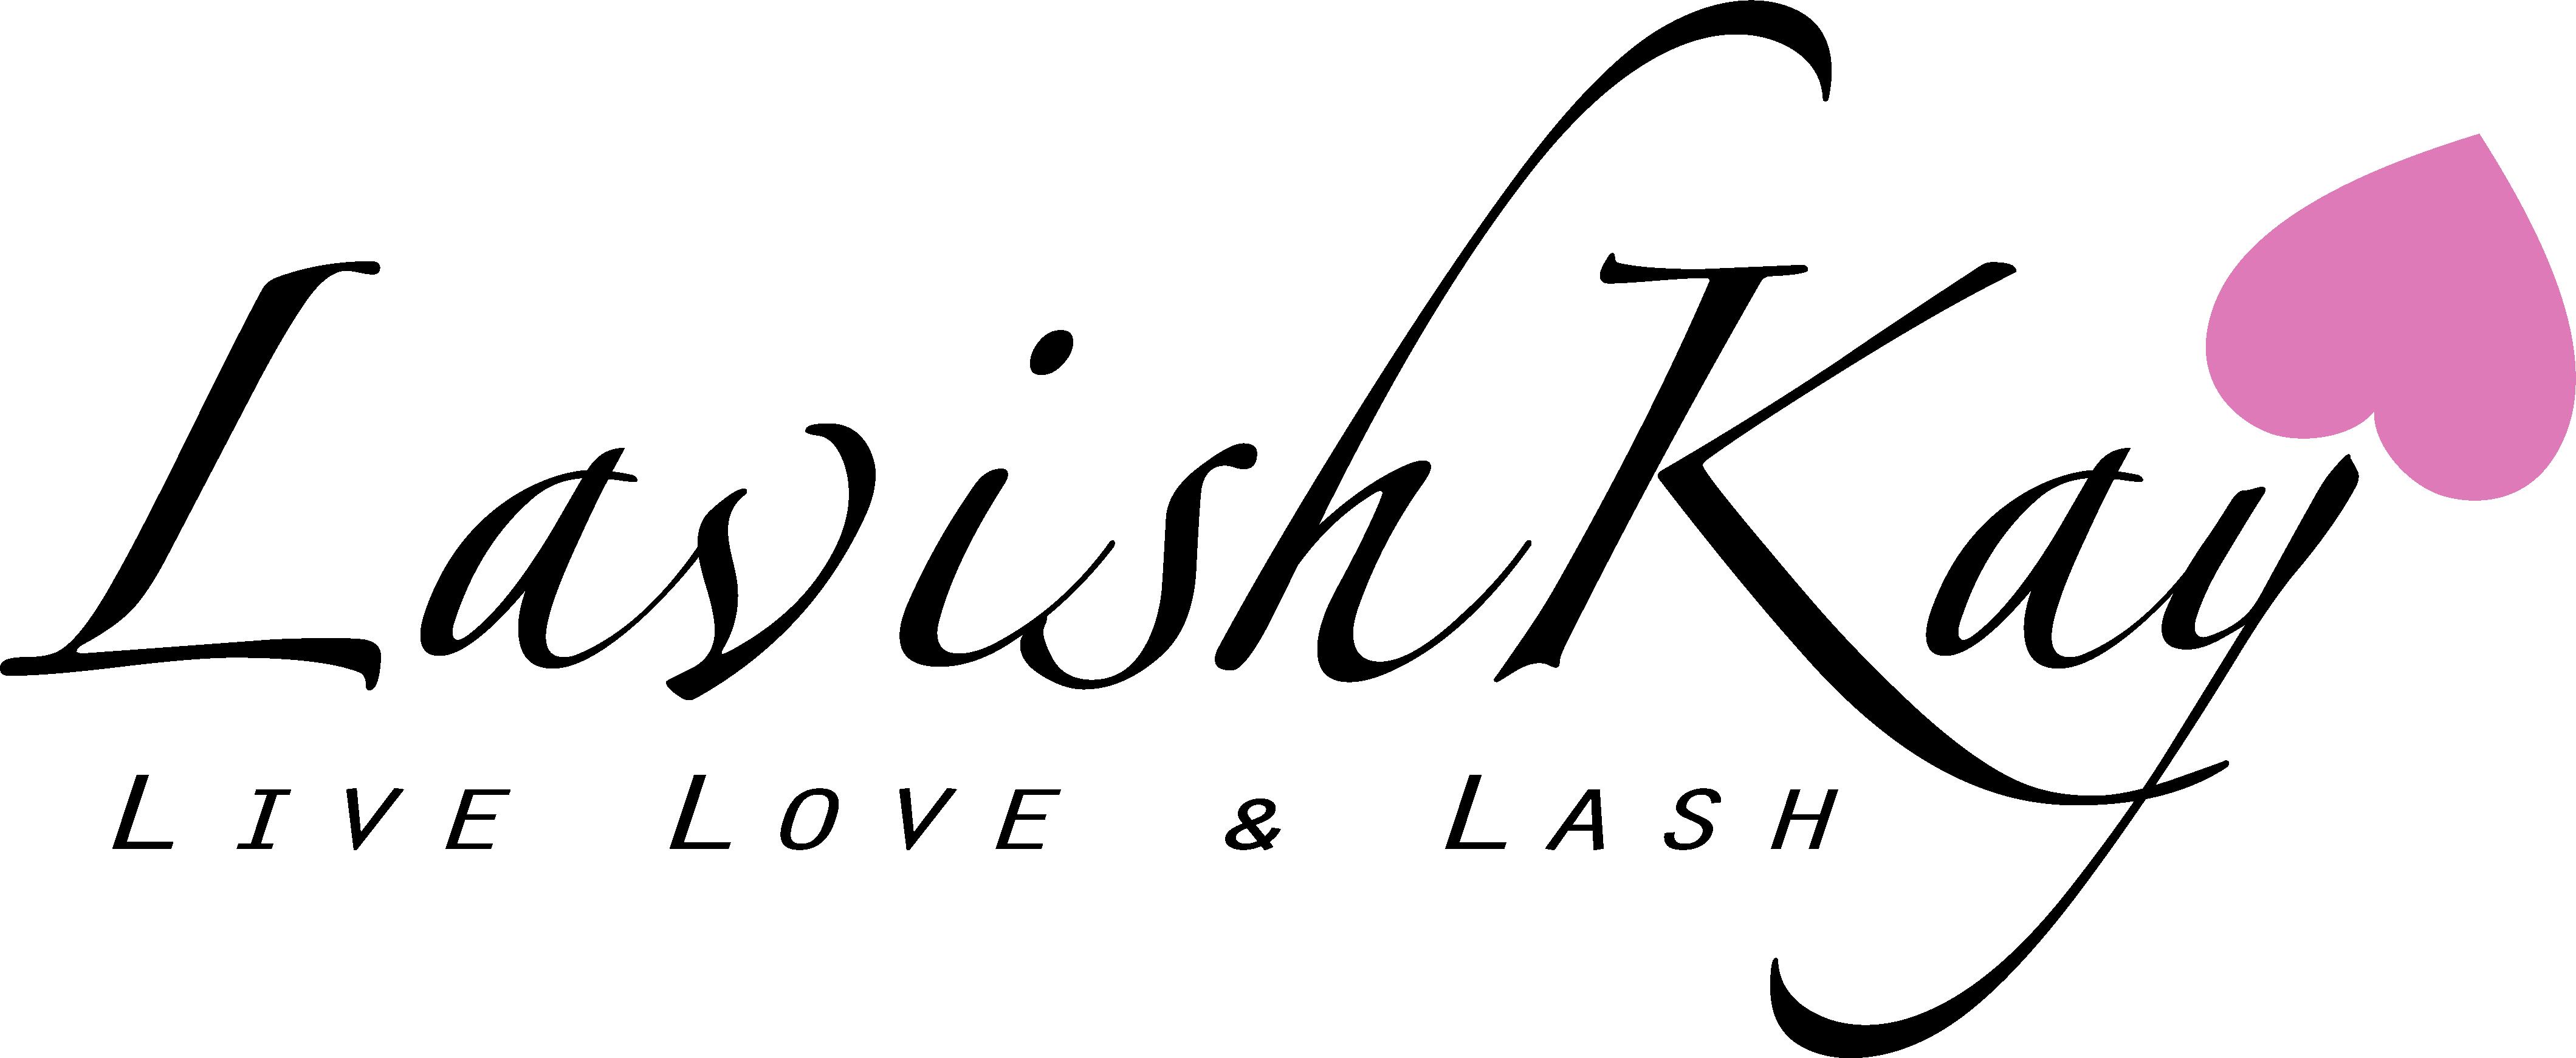 lavishkay logo